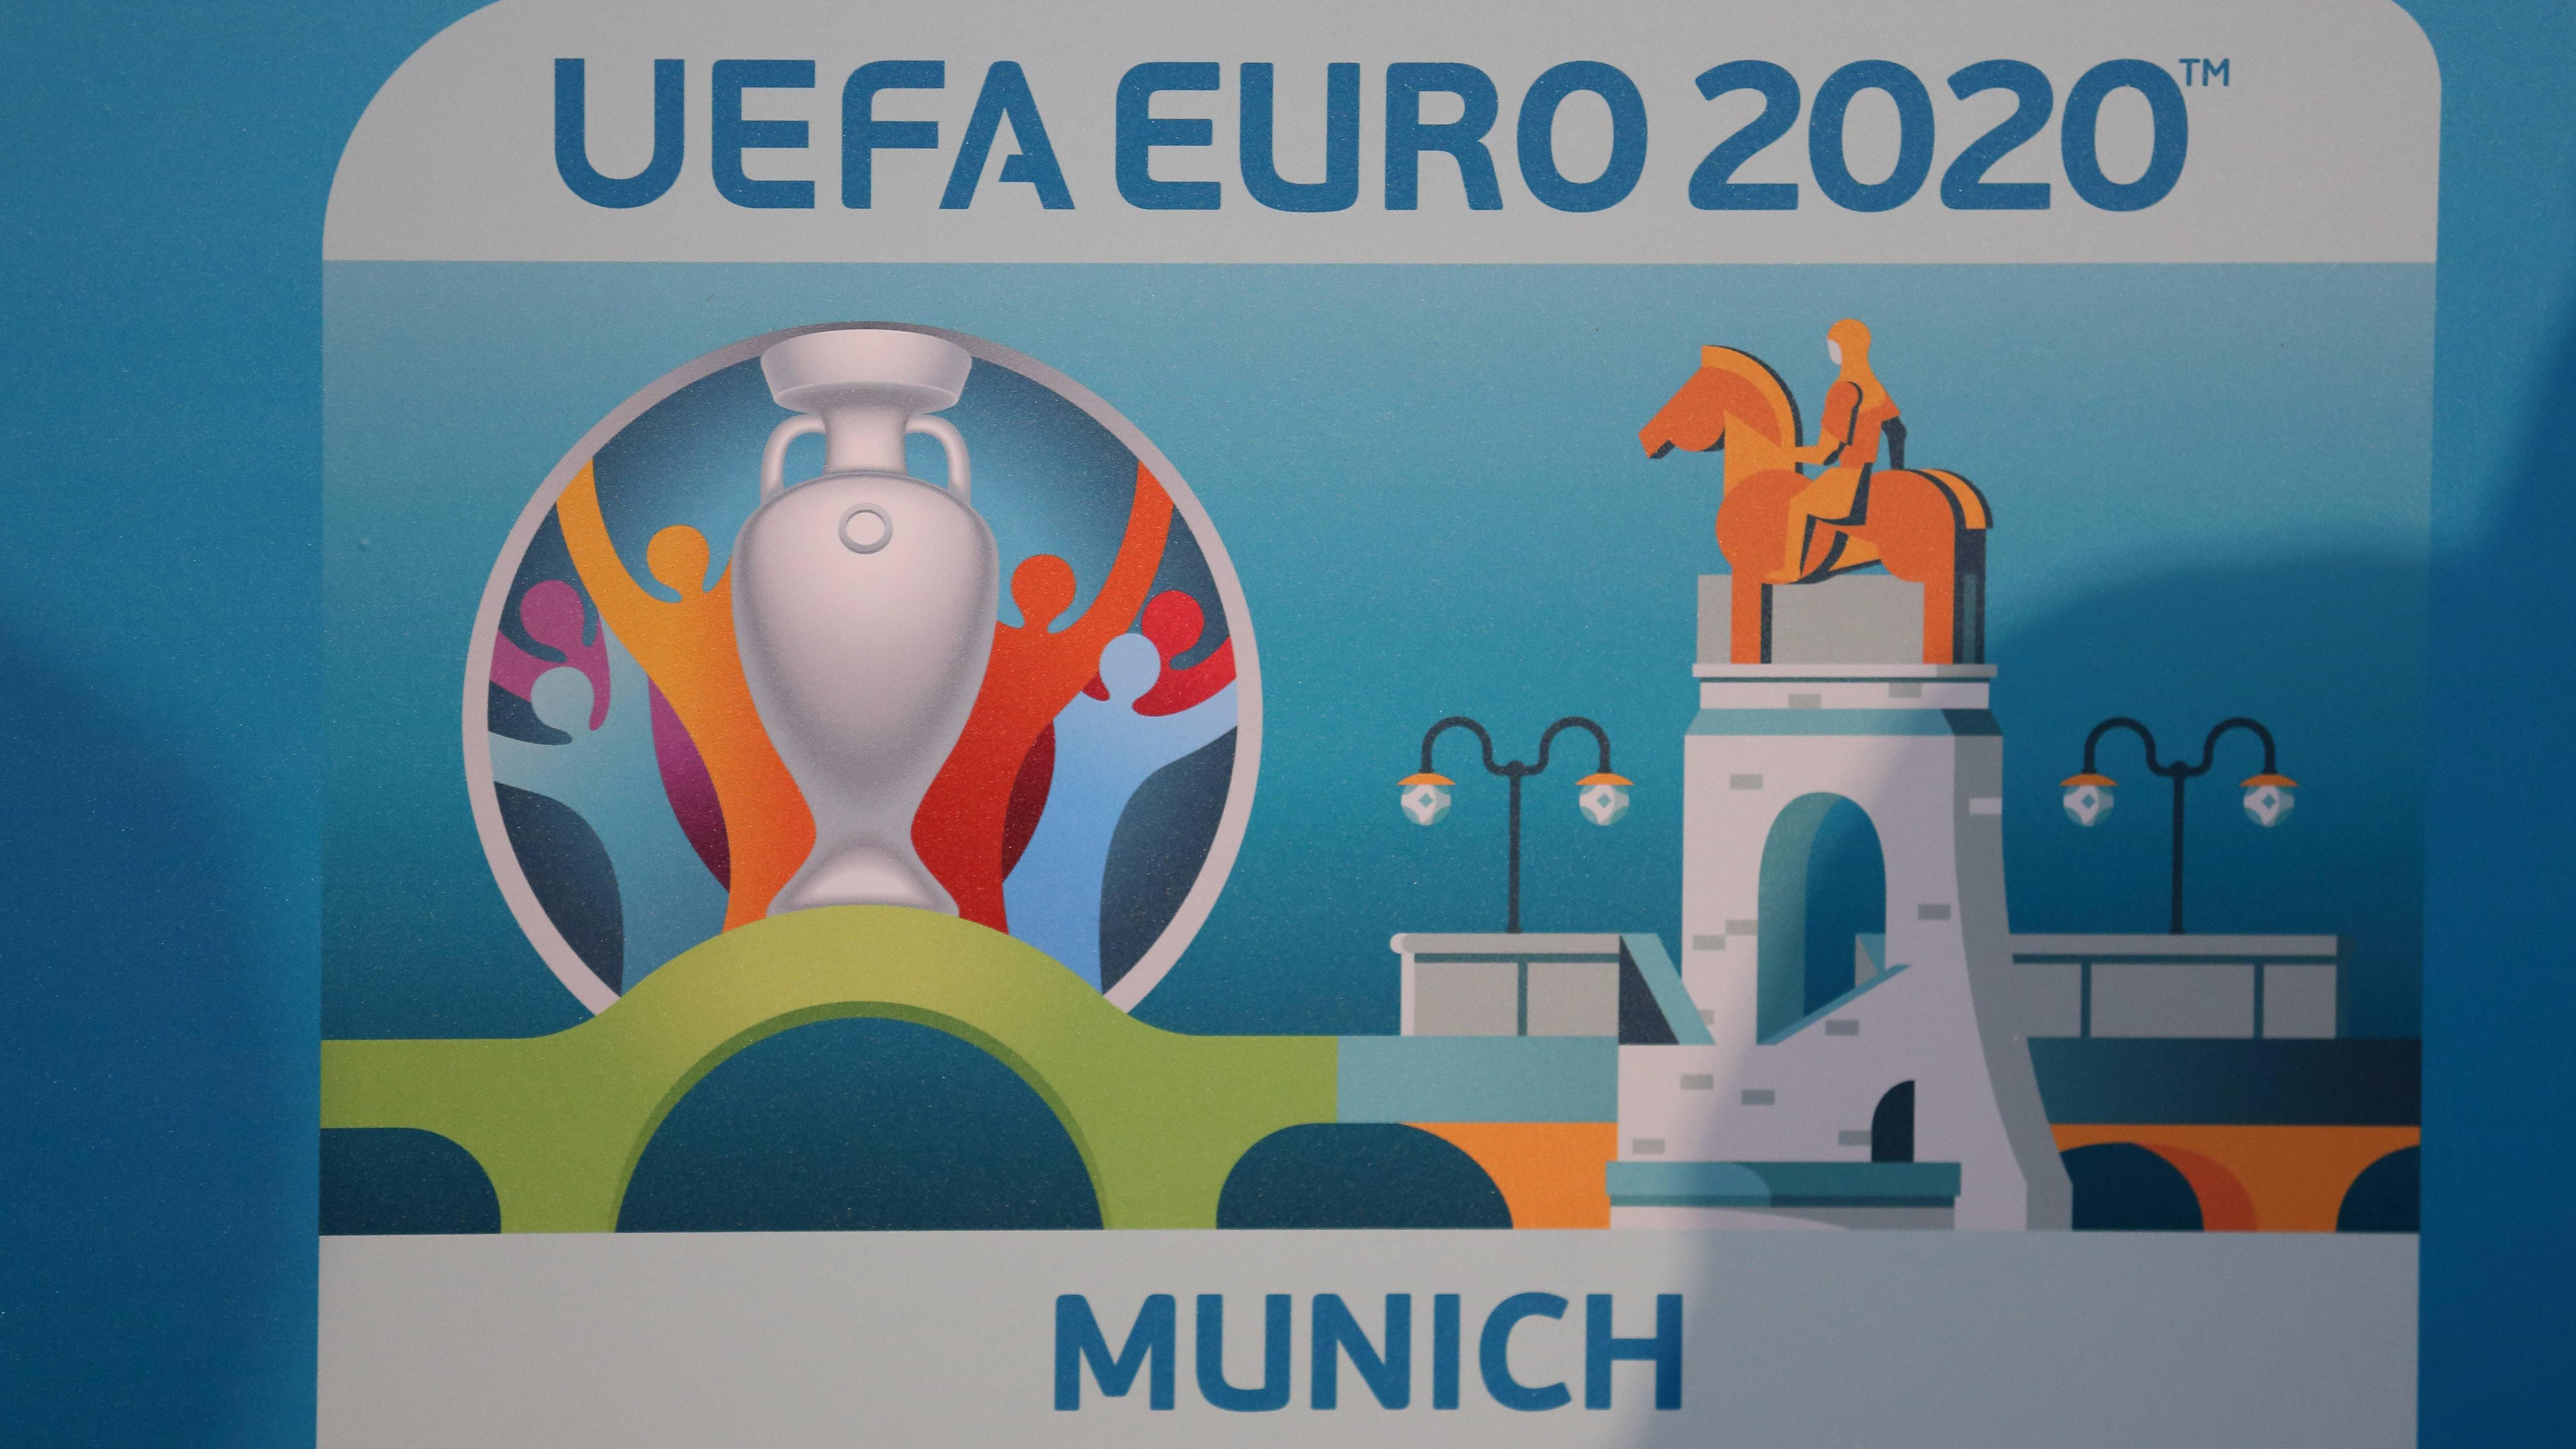 Die EM 2020, die 2021 stattfindet, hat zum Jubiläum mehrere Austragungsorte. München ist einer davon.